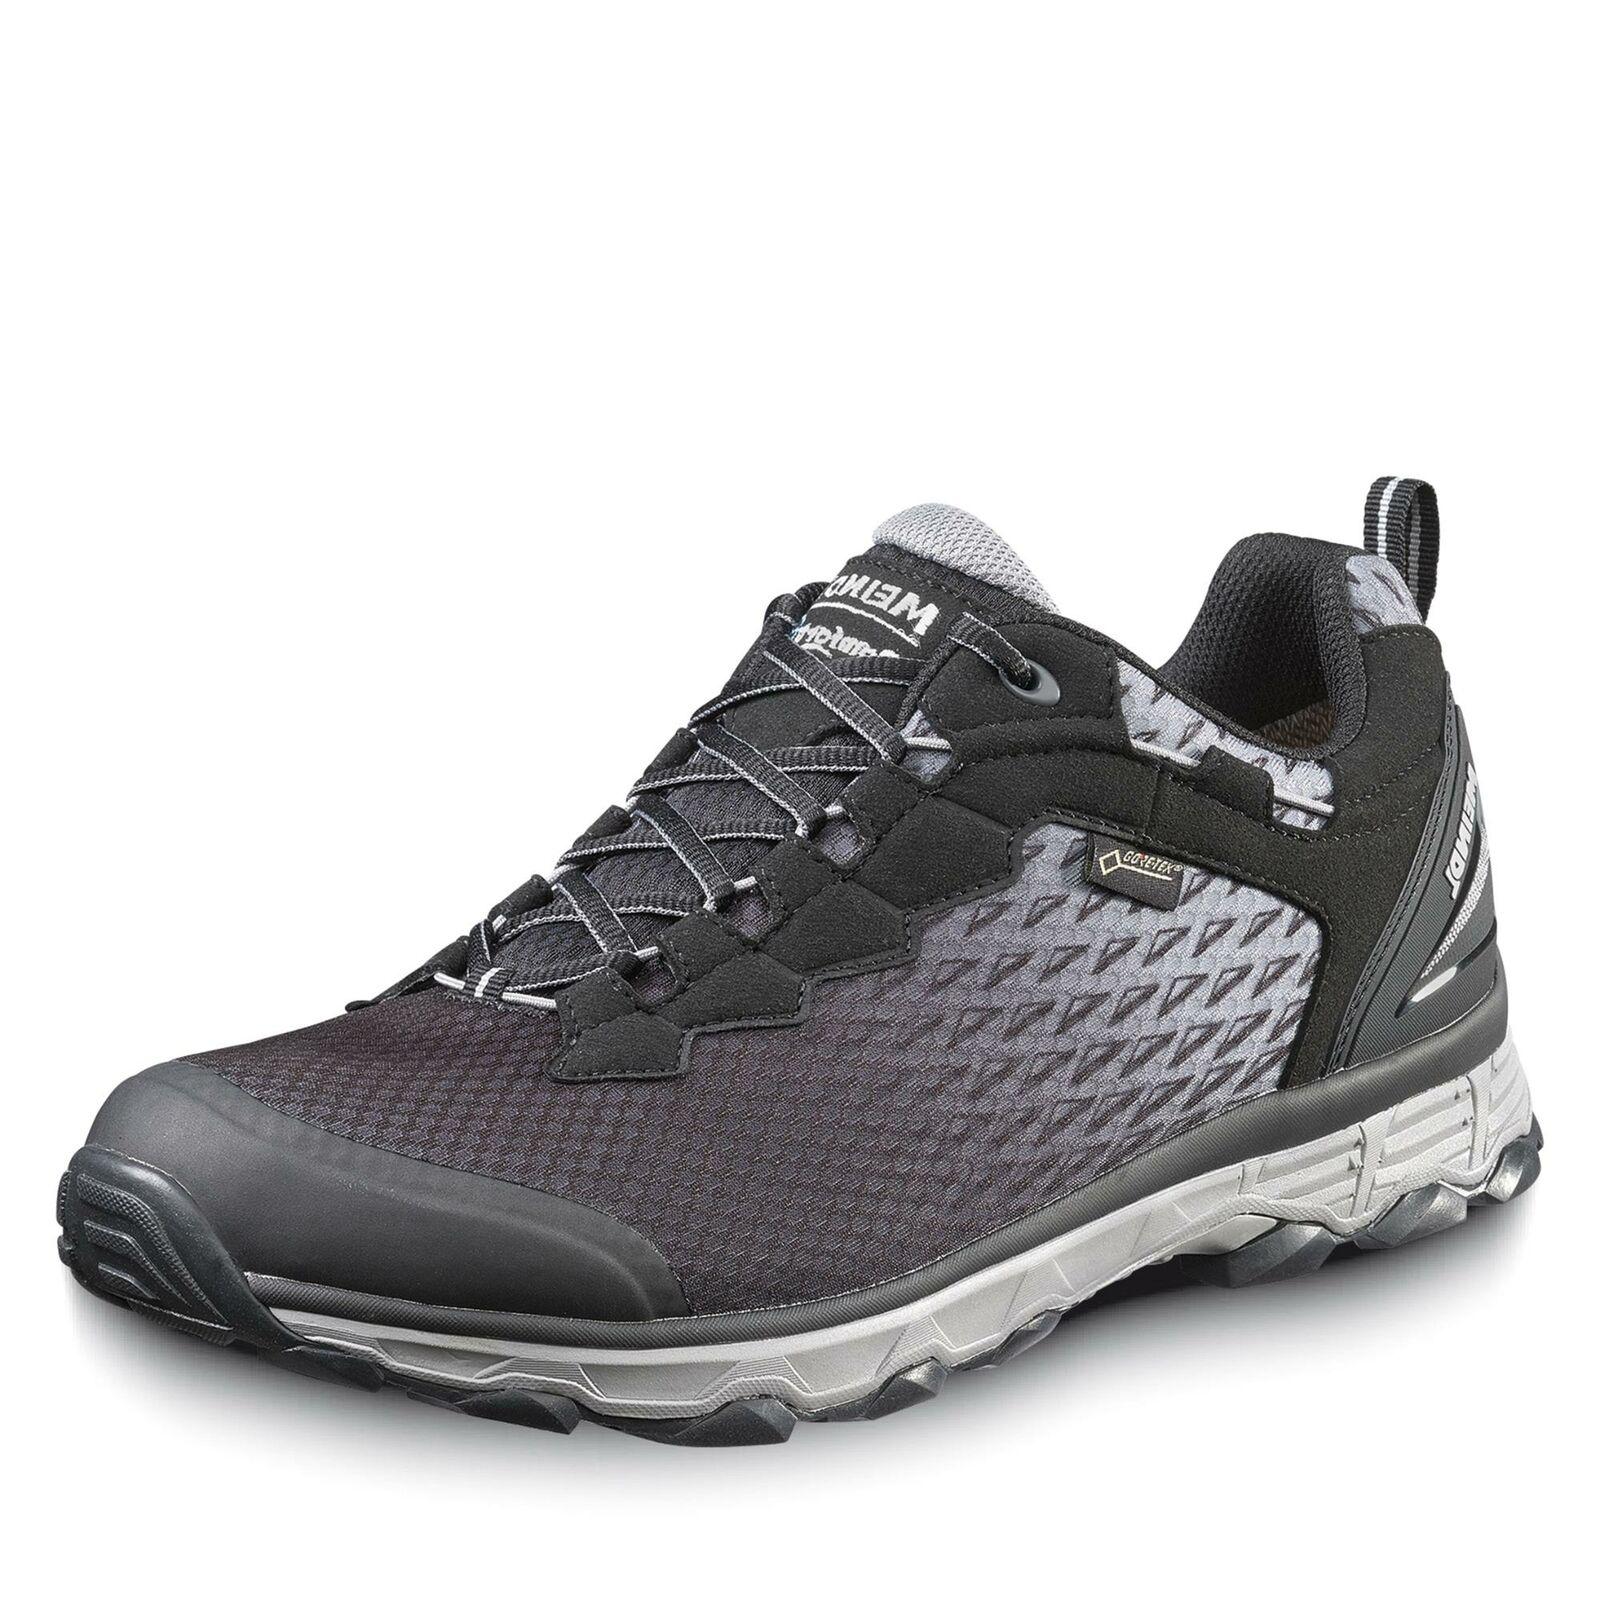 Meindl Herren Activo Sport Comfort Fit GORE-TEX® Outdoorschuh Schuhe schwarz